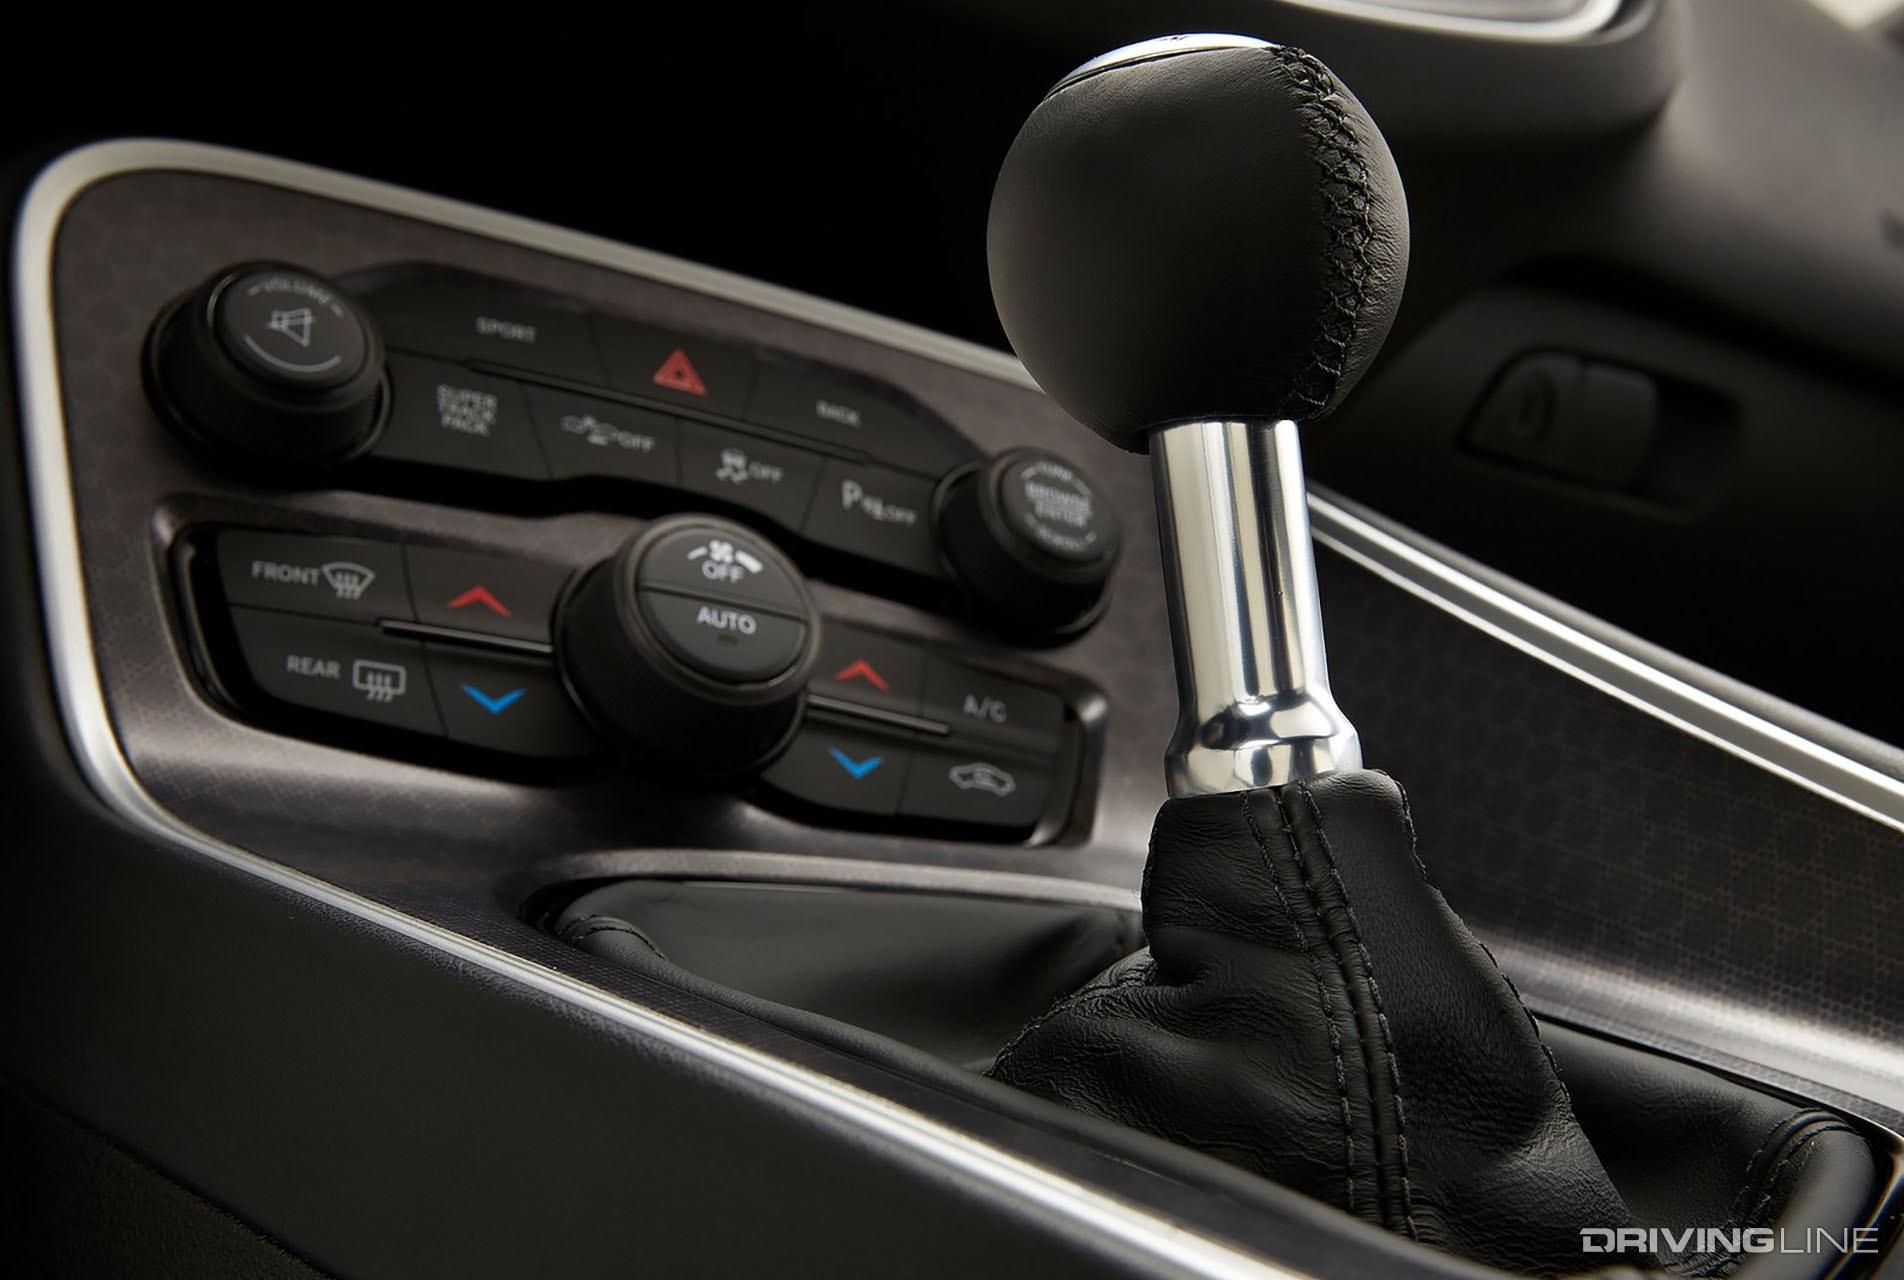 2012 dodge charger manual transmission